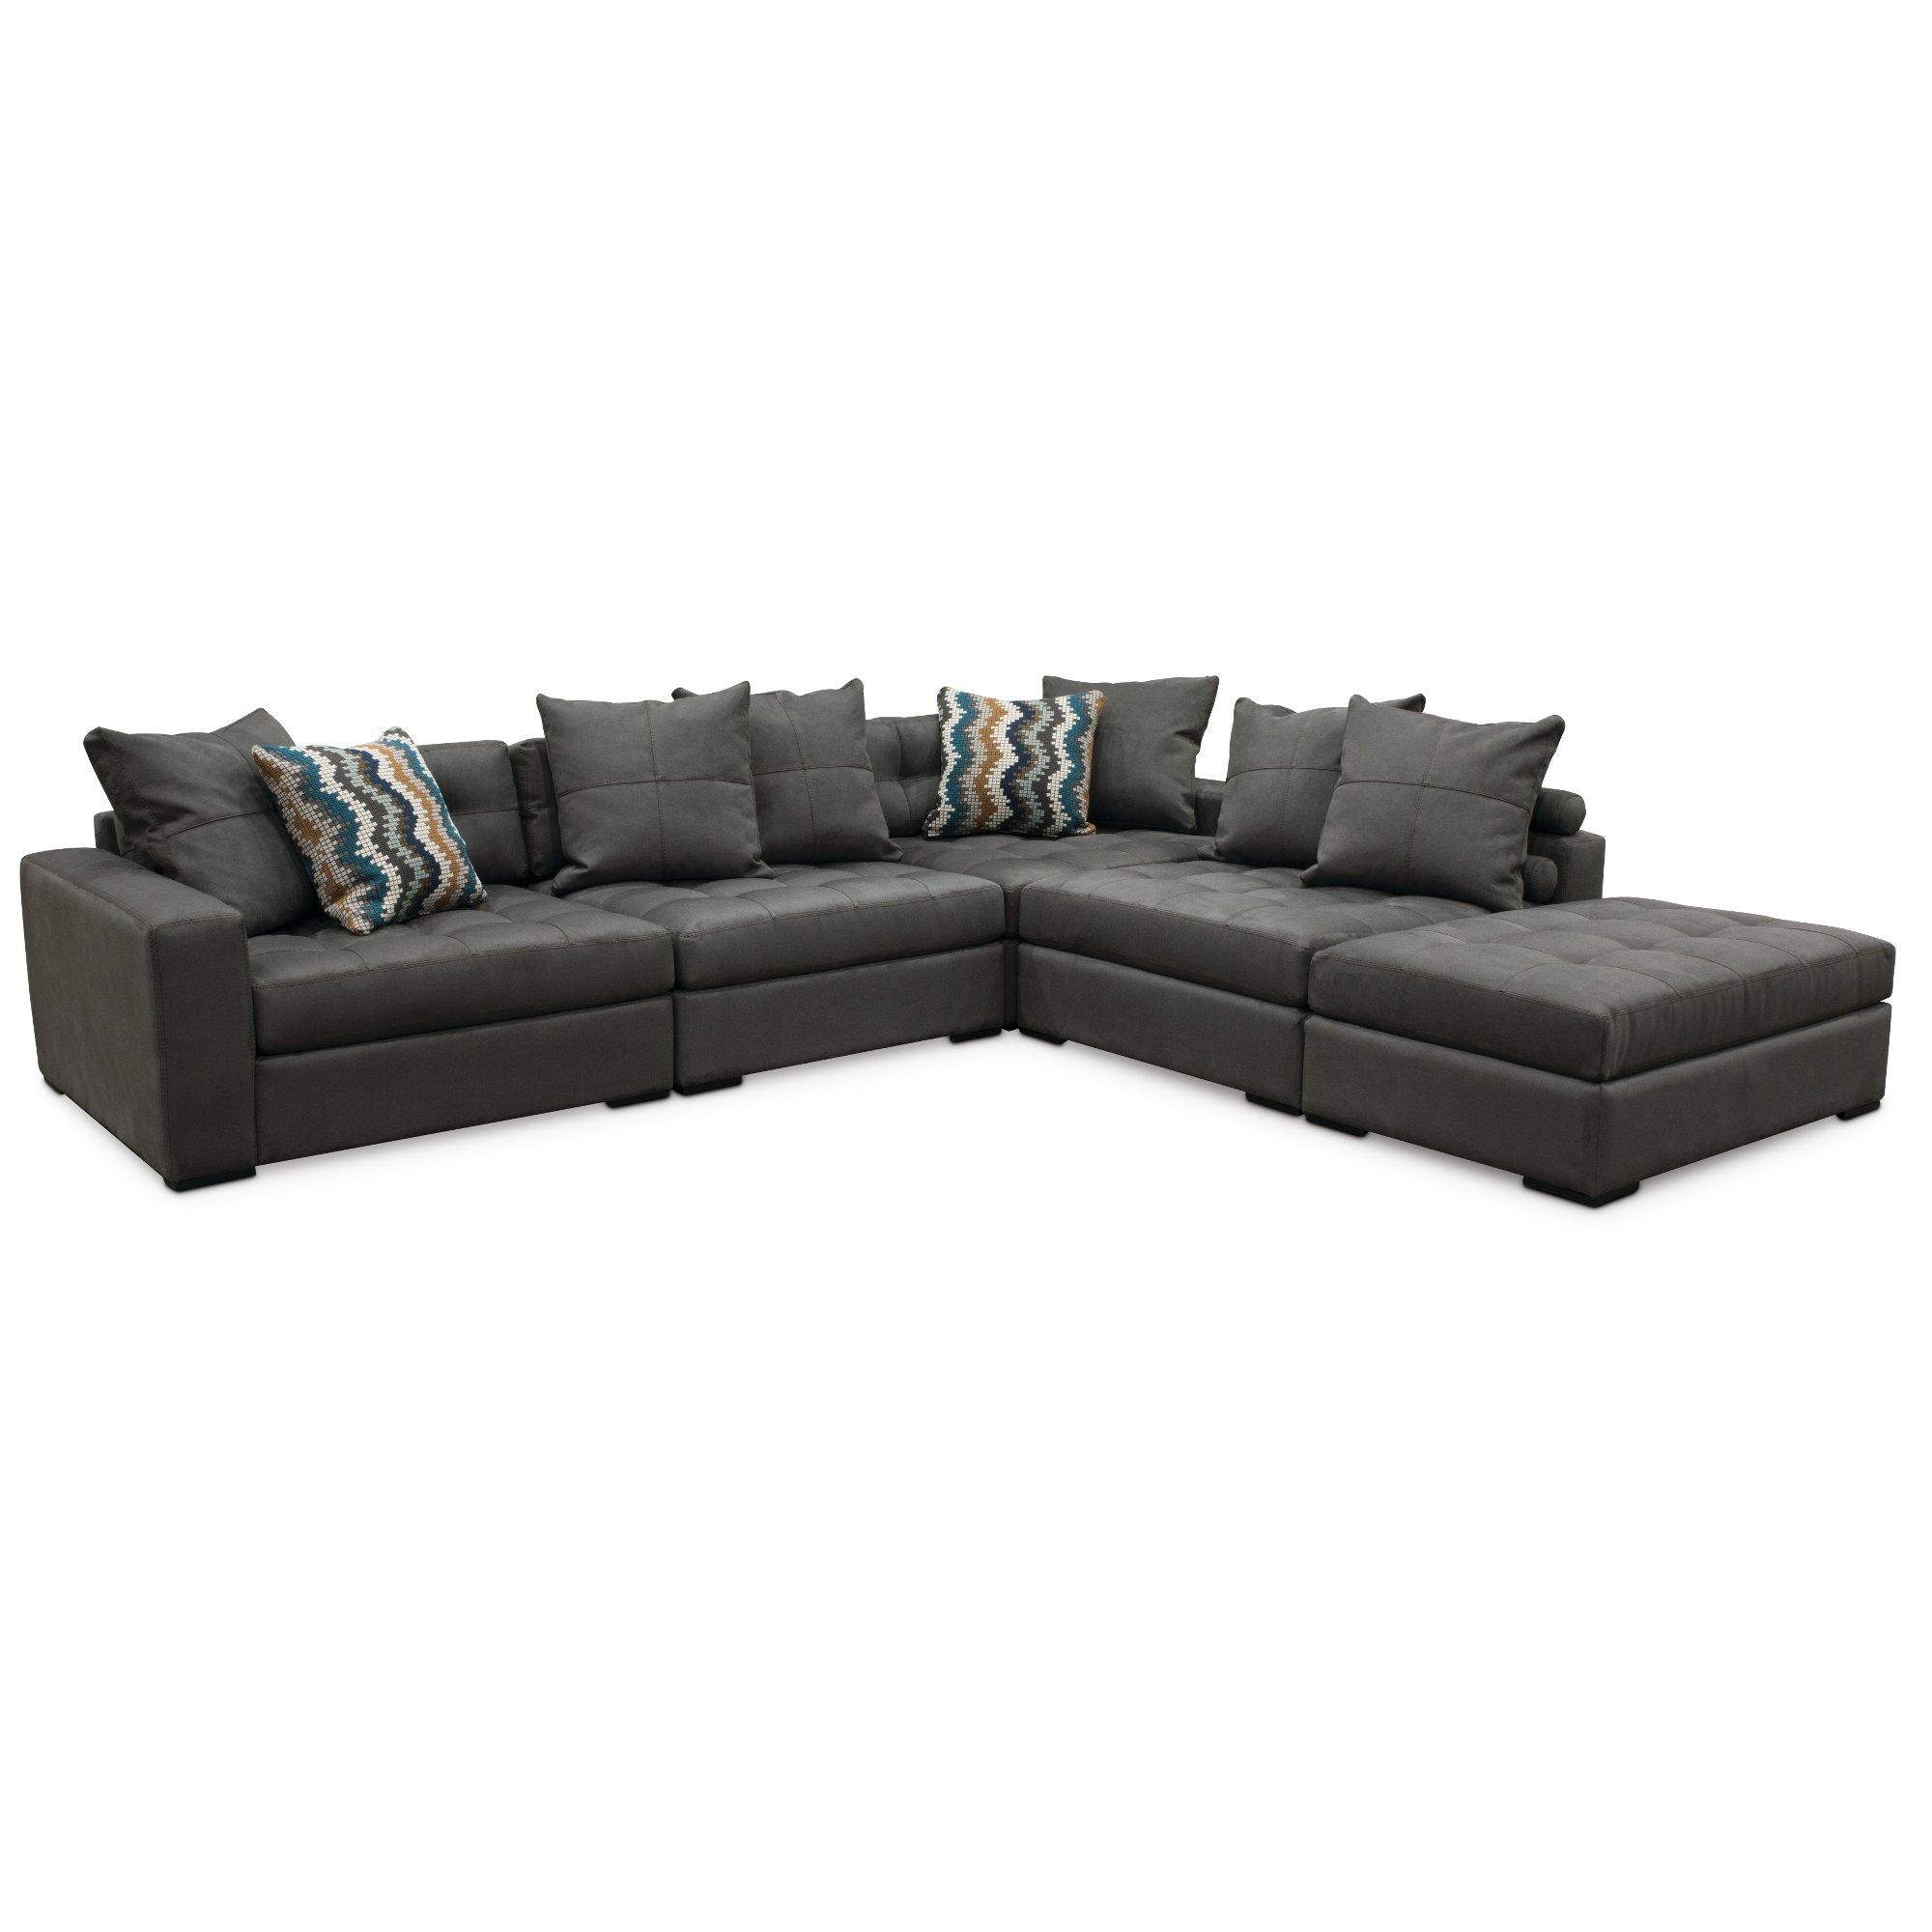 Contemporary 4-Piece Sectional Sofas